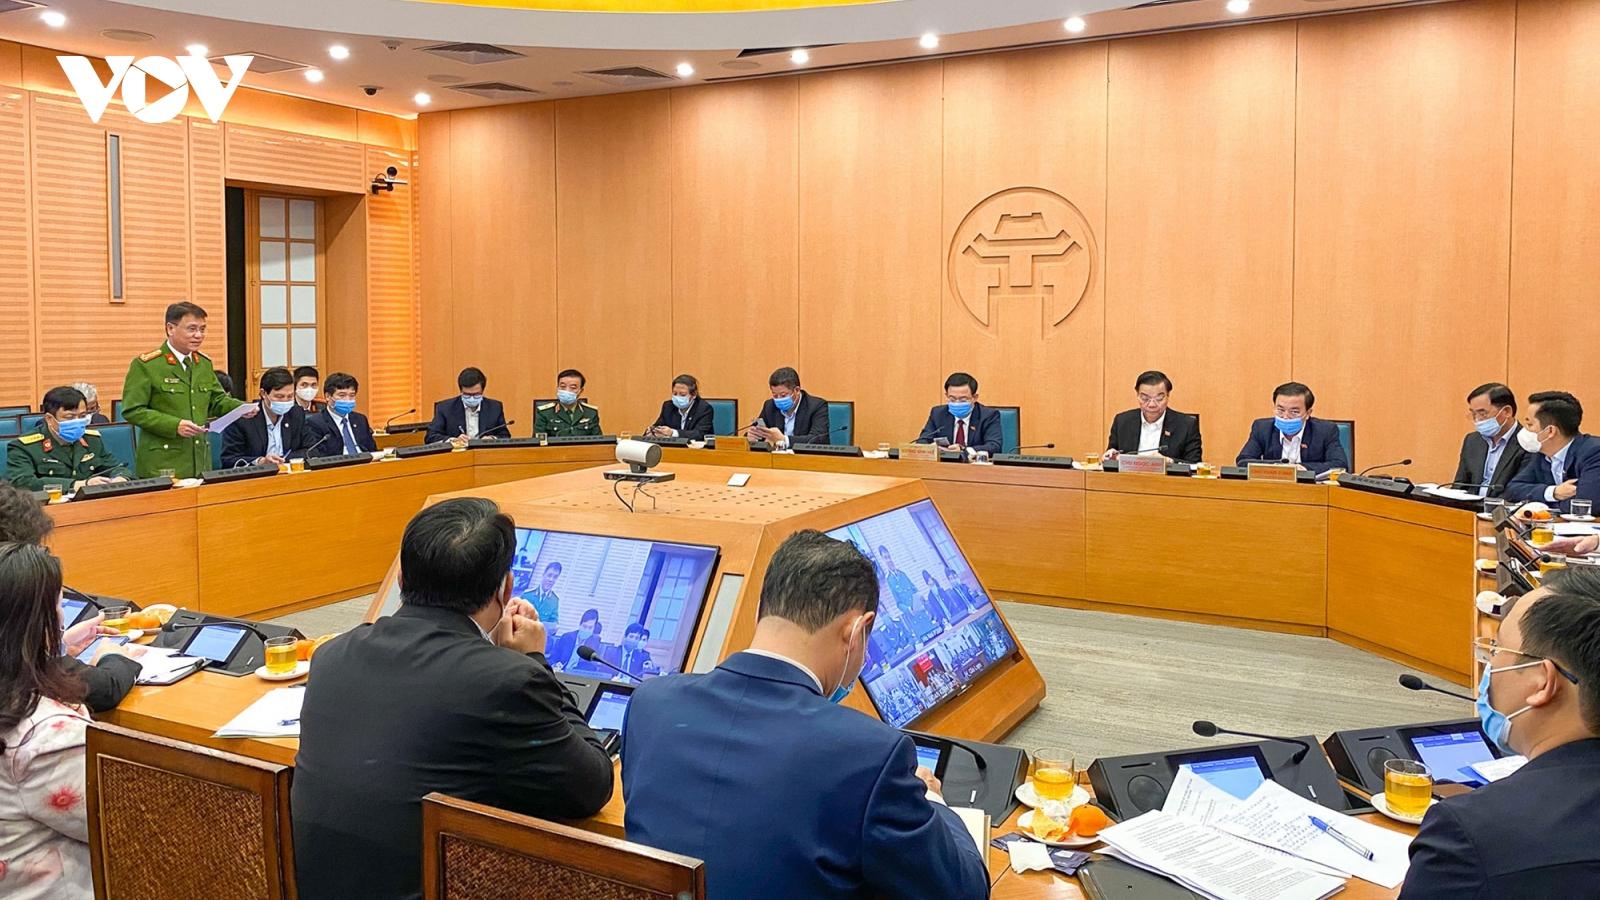 Bí thư Thành ủy Hà Nội: Phòng chống dịch Covid-19 phải nhanh hơn, nhạy bén hơn